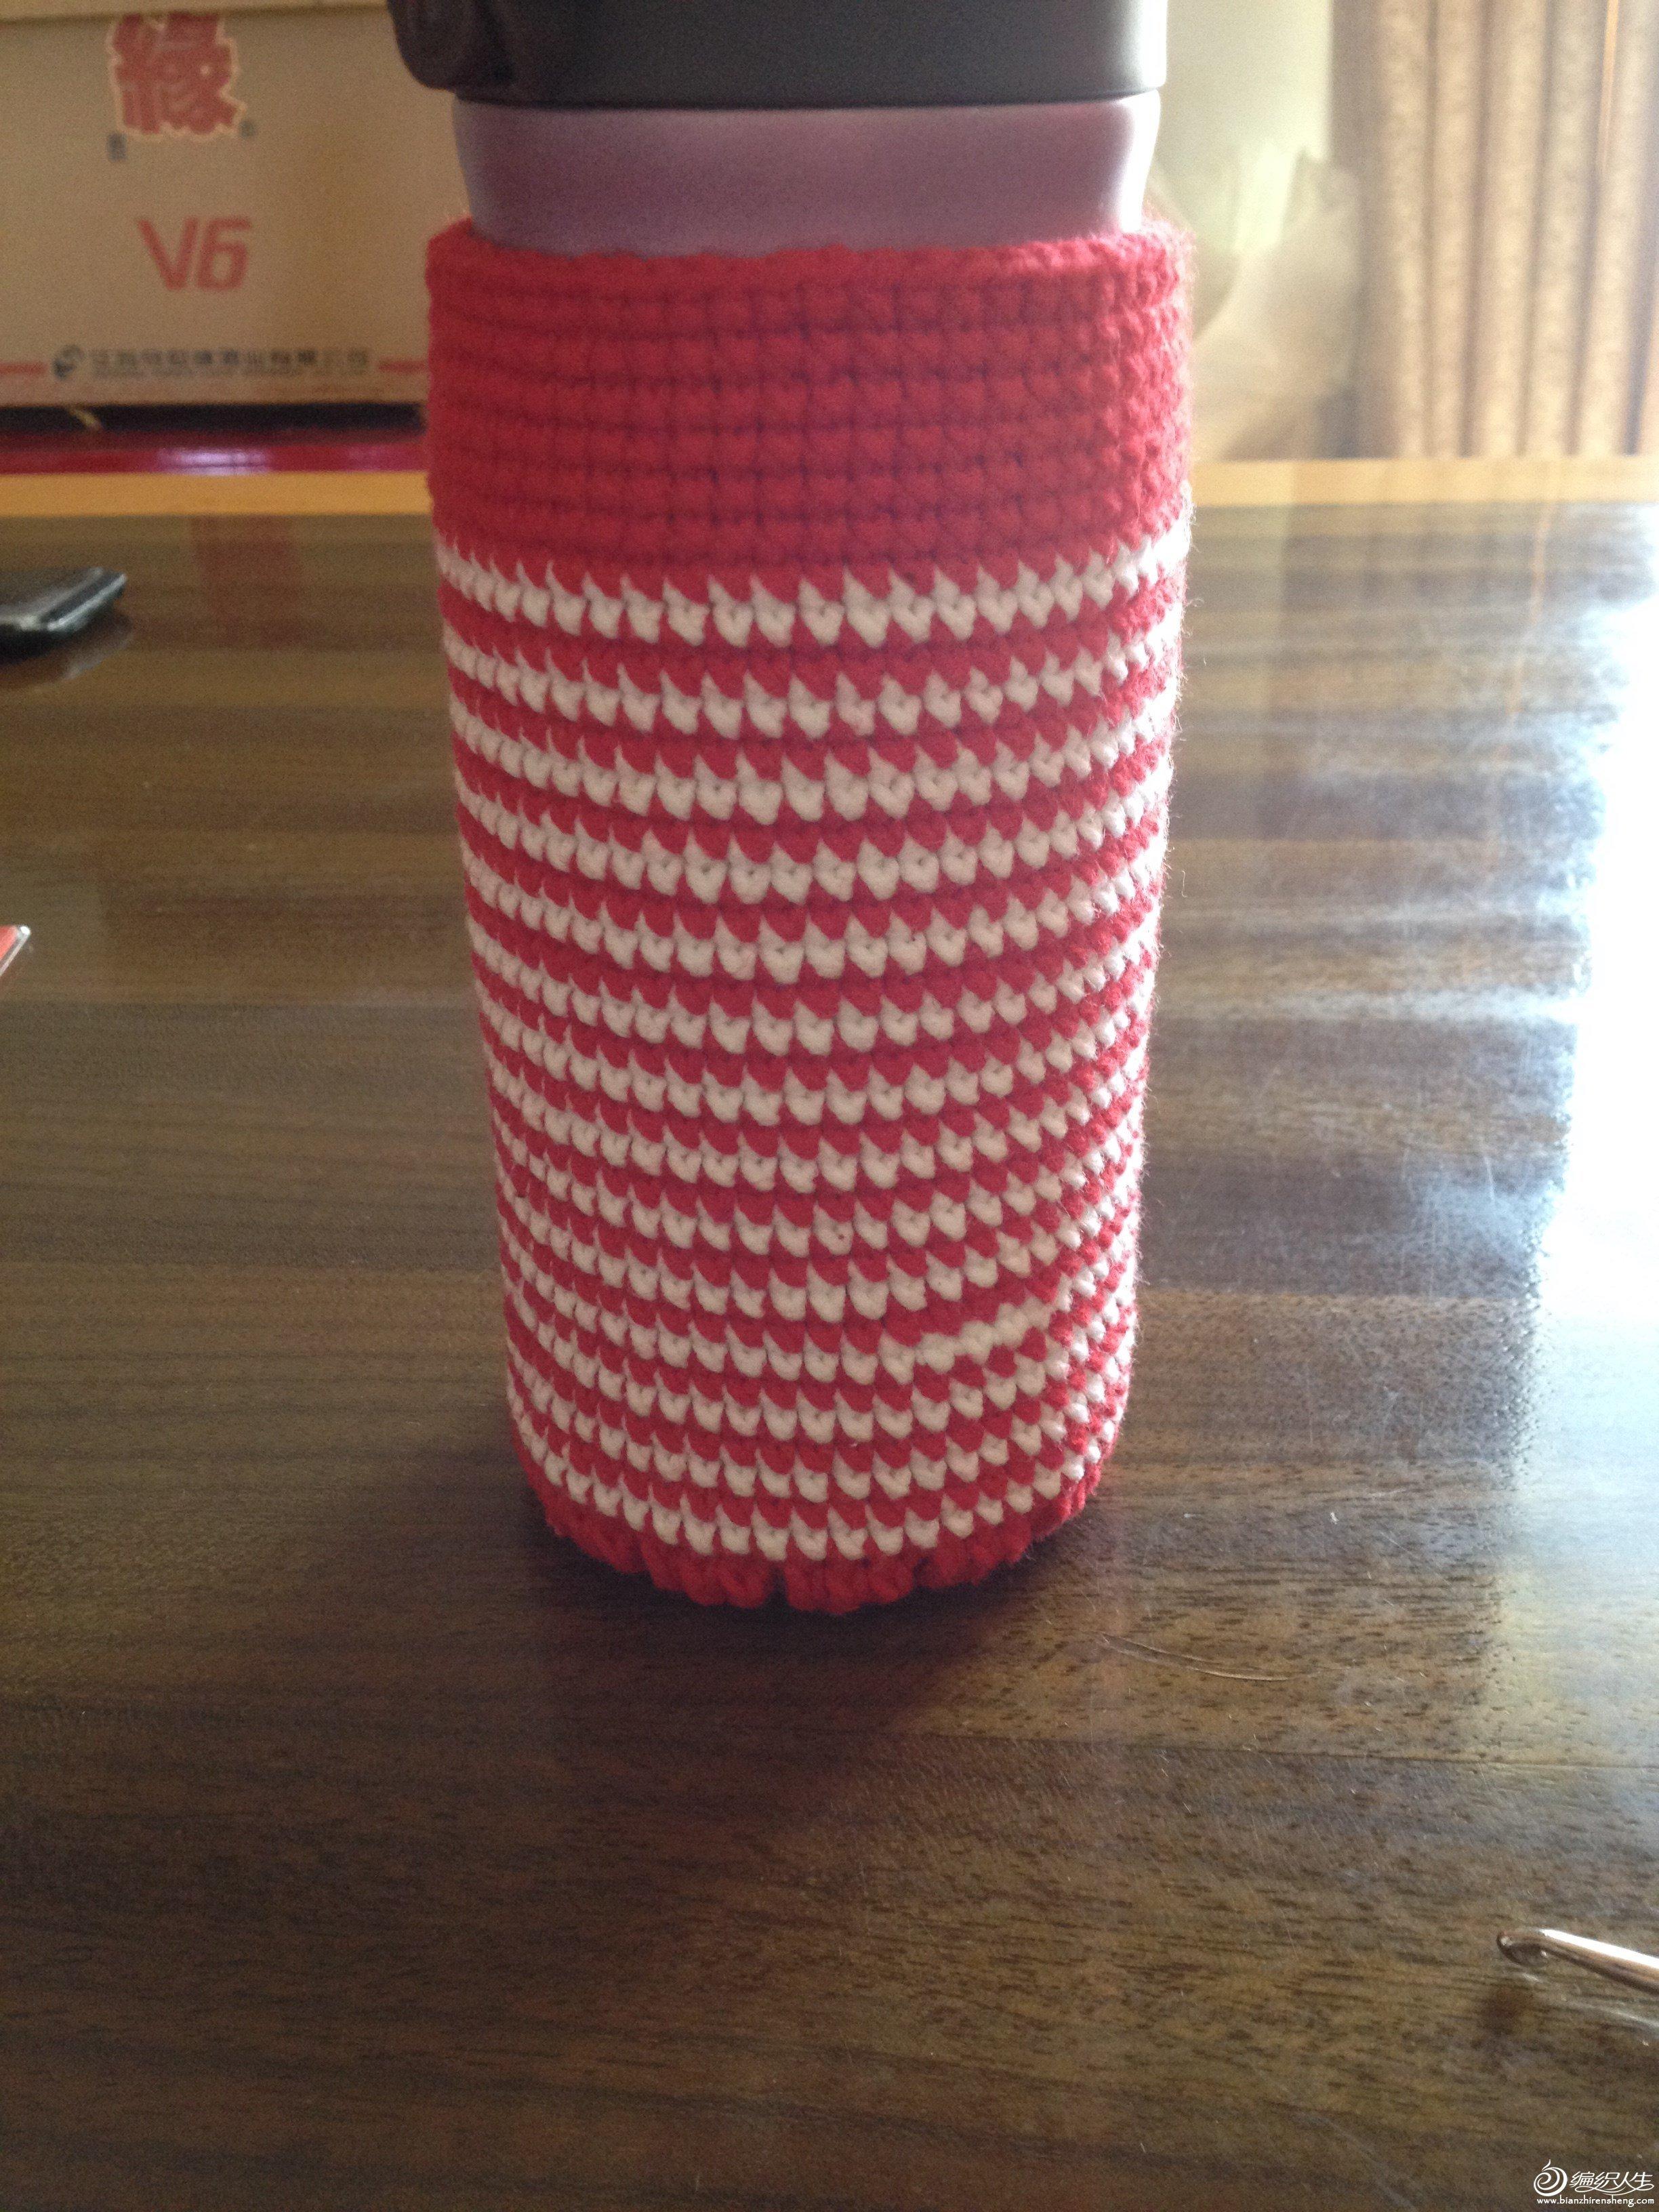 69 钩针编织作品秀 69 新年快乐,年前小手工--杯套